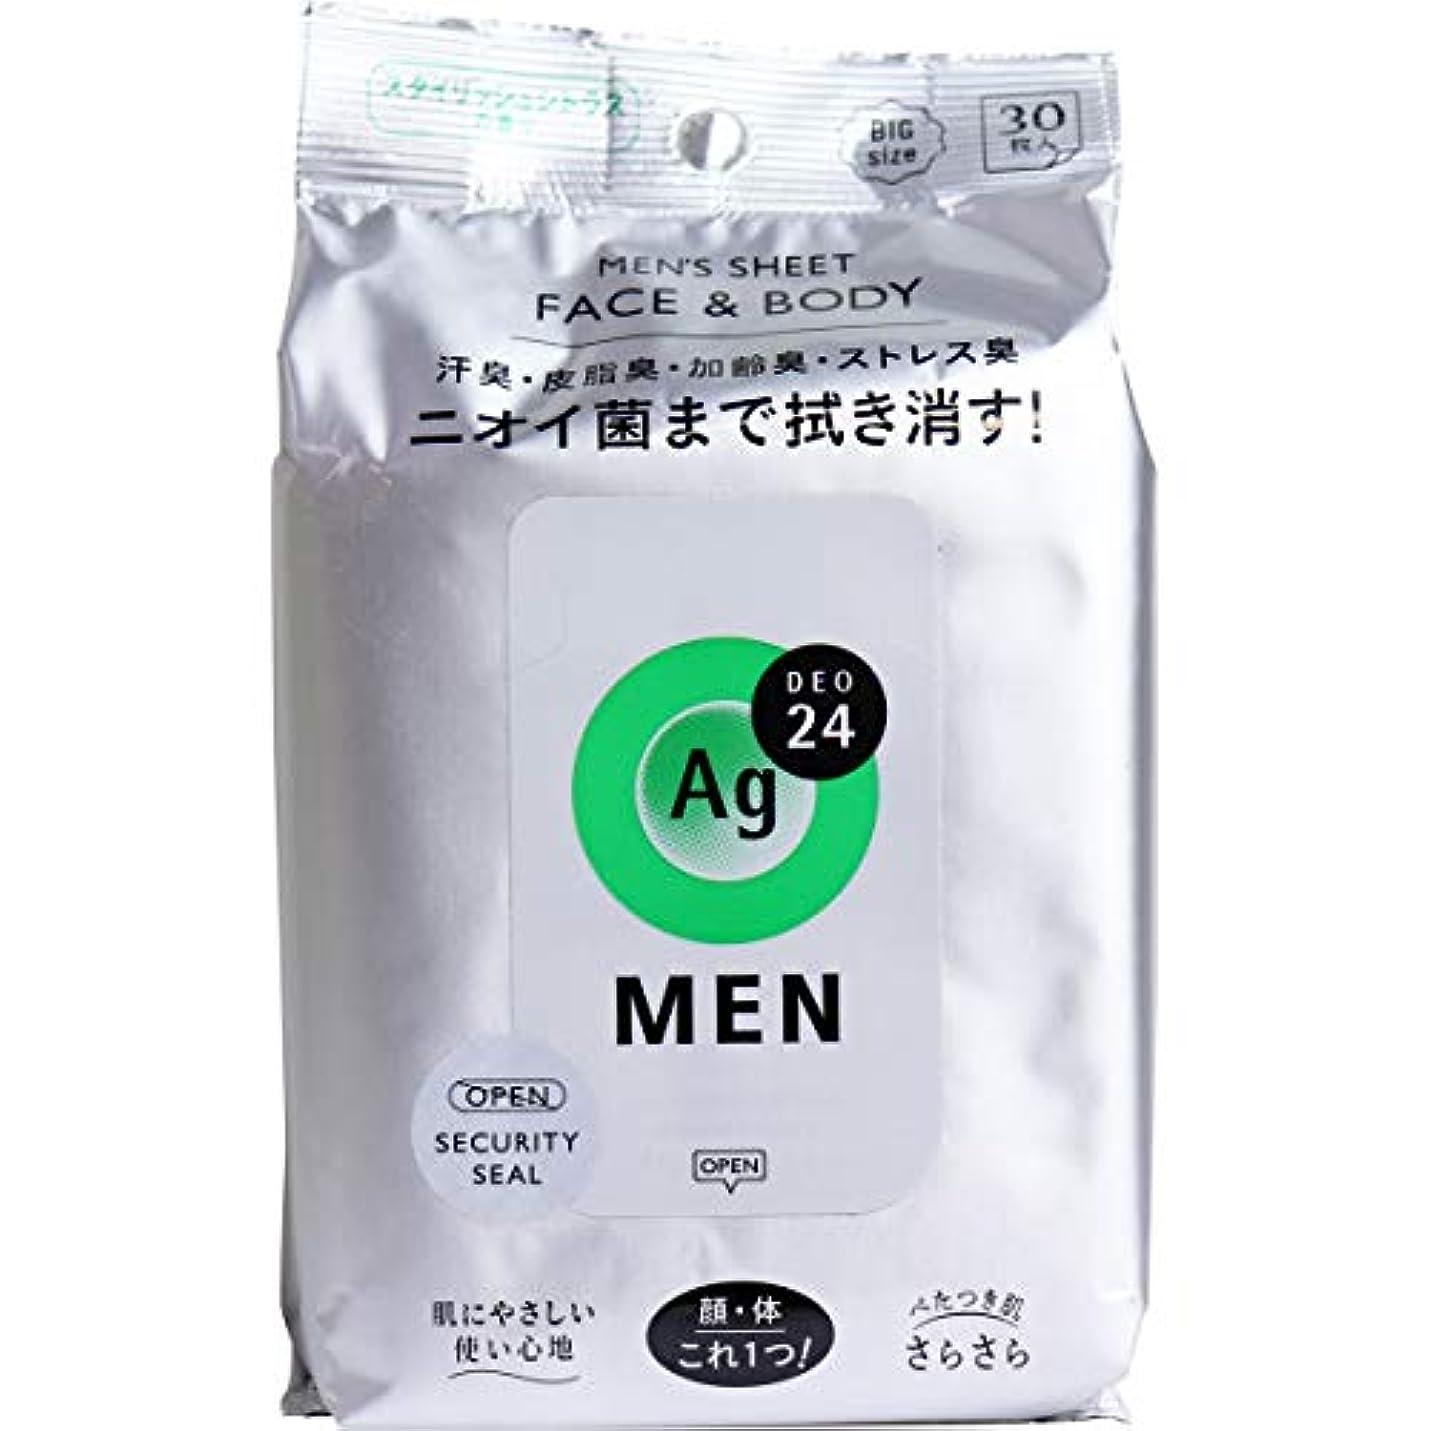 操作反射湾エージー24メン メンズシート フェイス&ボディ(シトラス)30枚 (4)